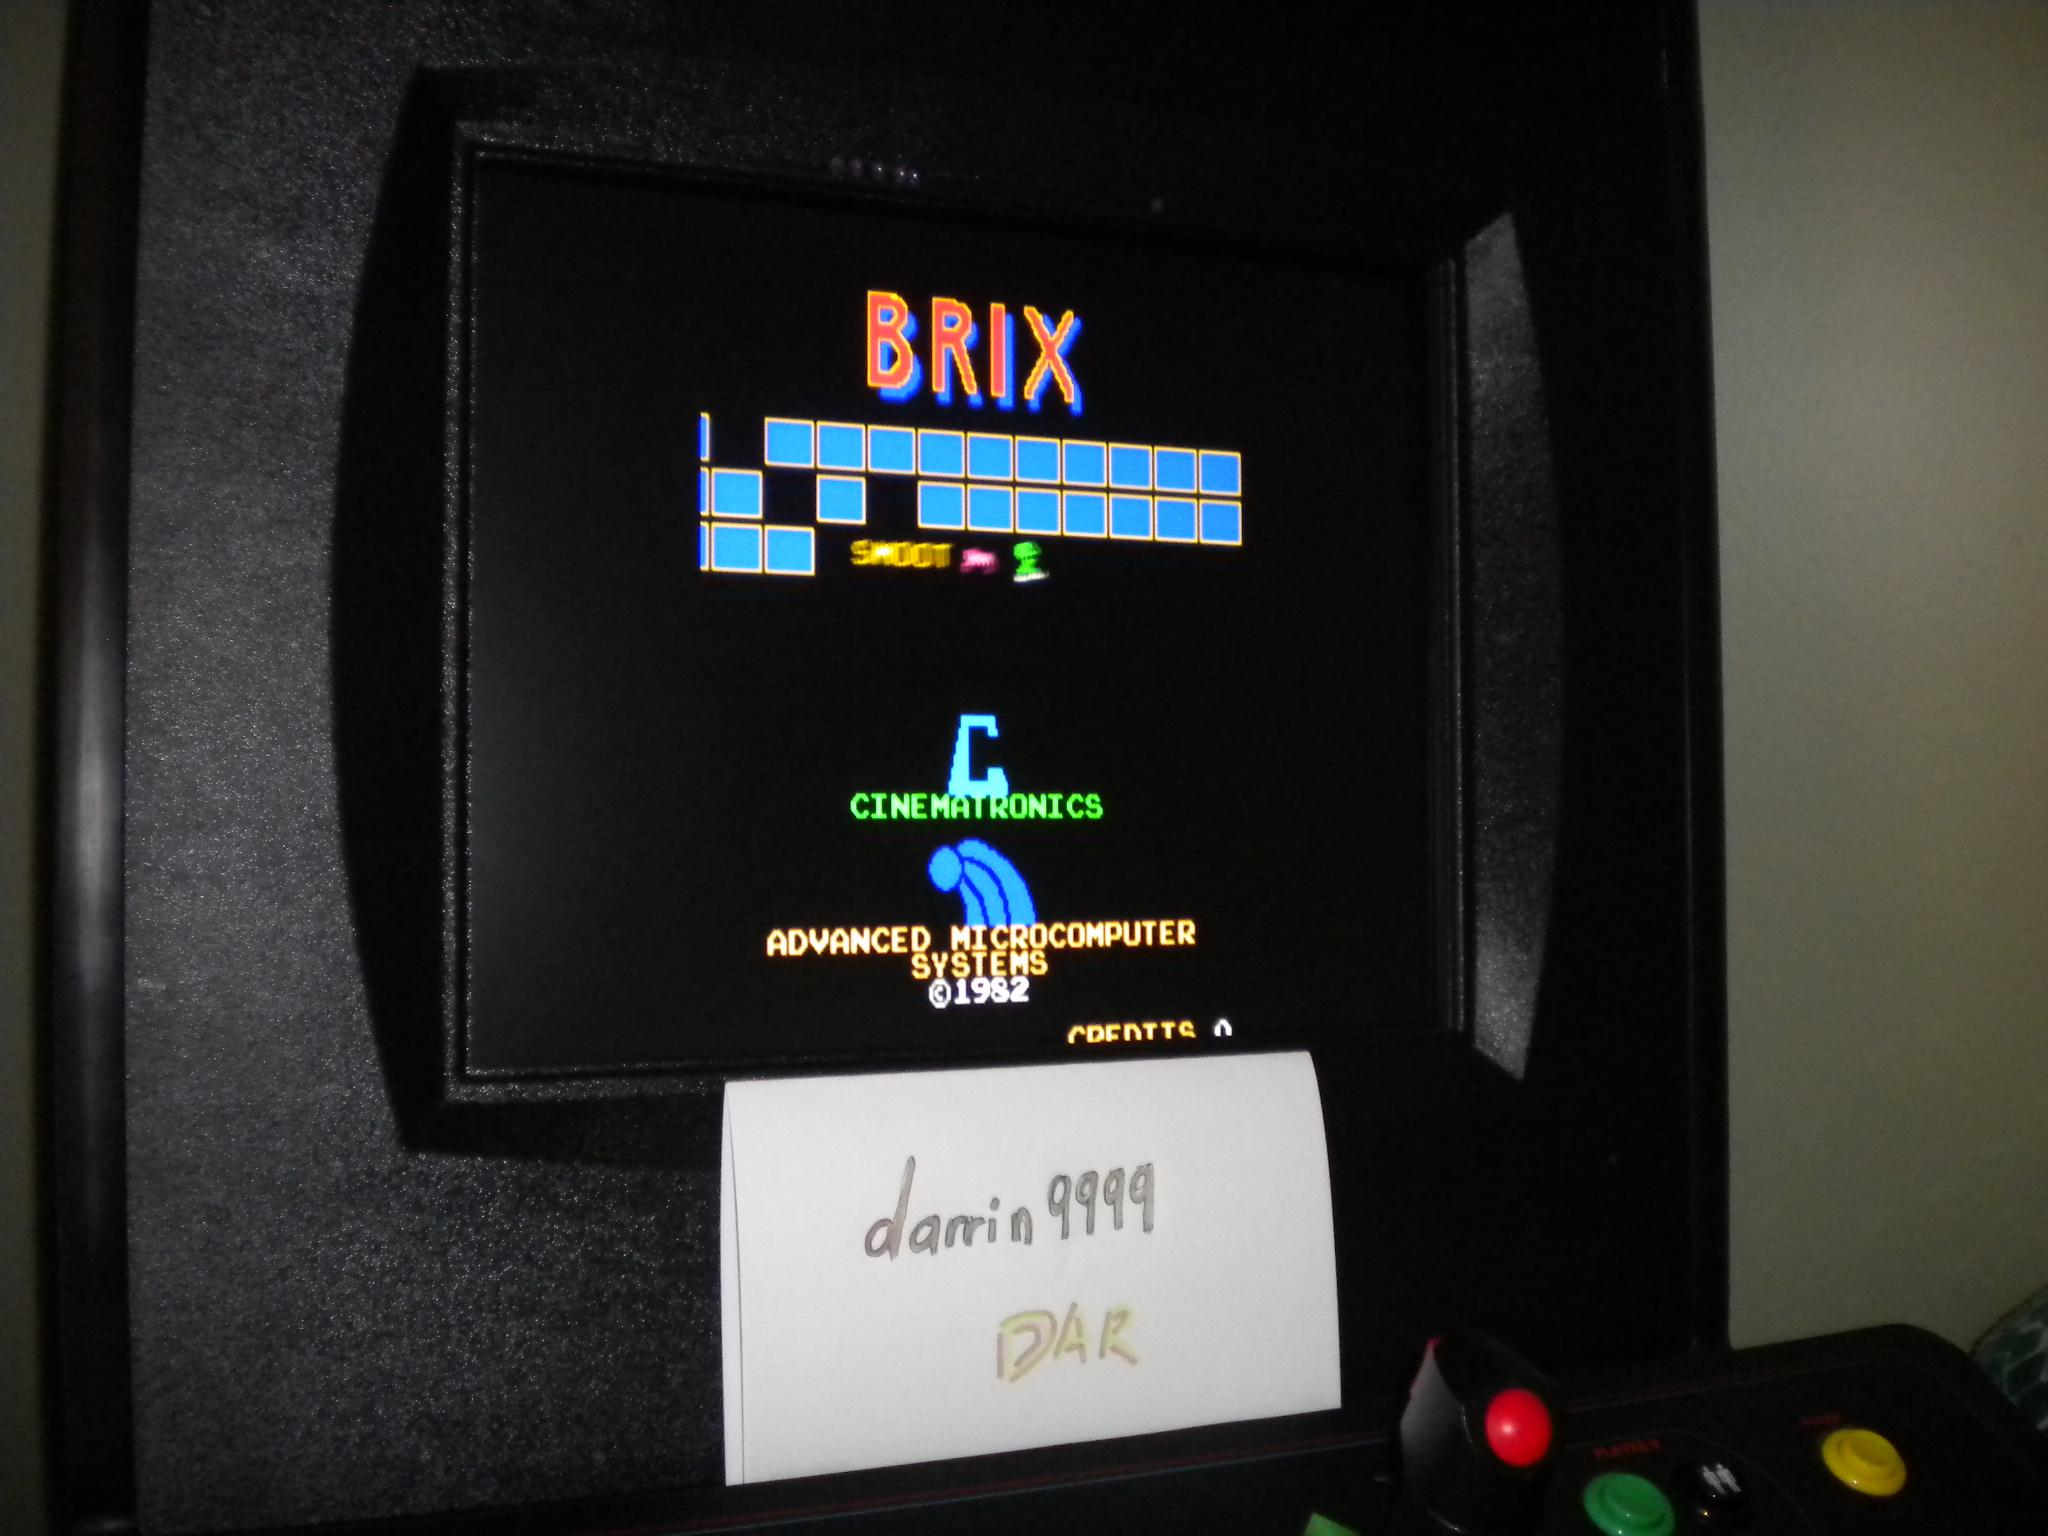 Brix [brix] 1,170 points